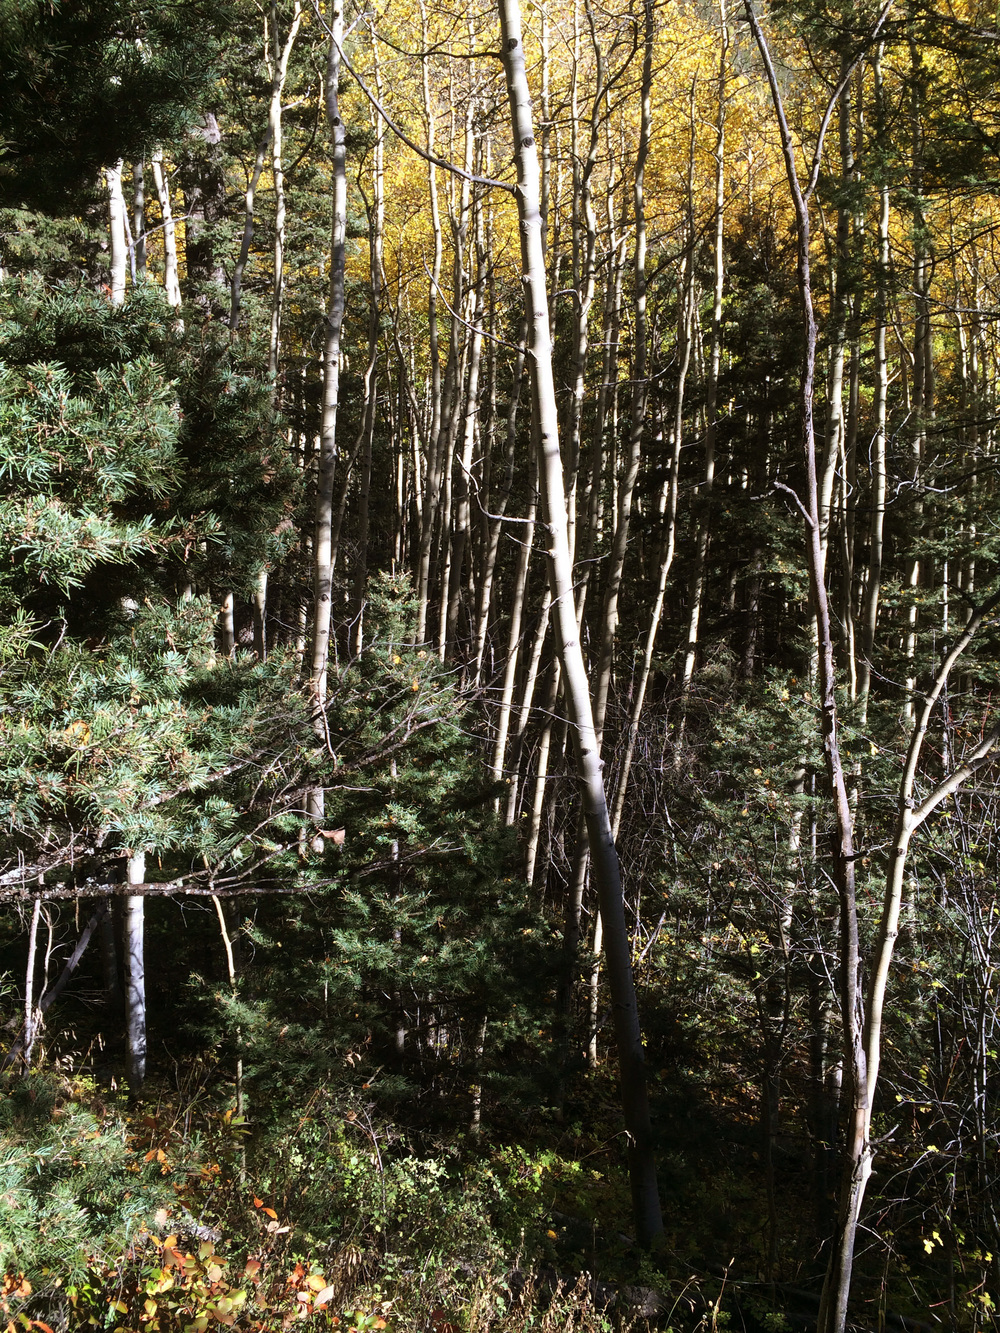 10-2-14 n.crestone trail 1-17-3.jpg